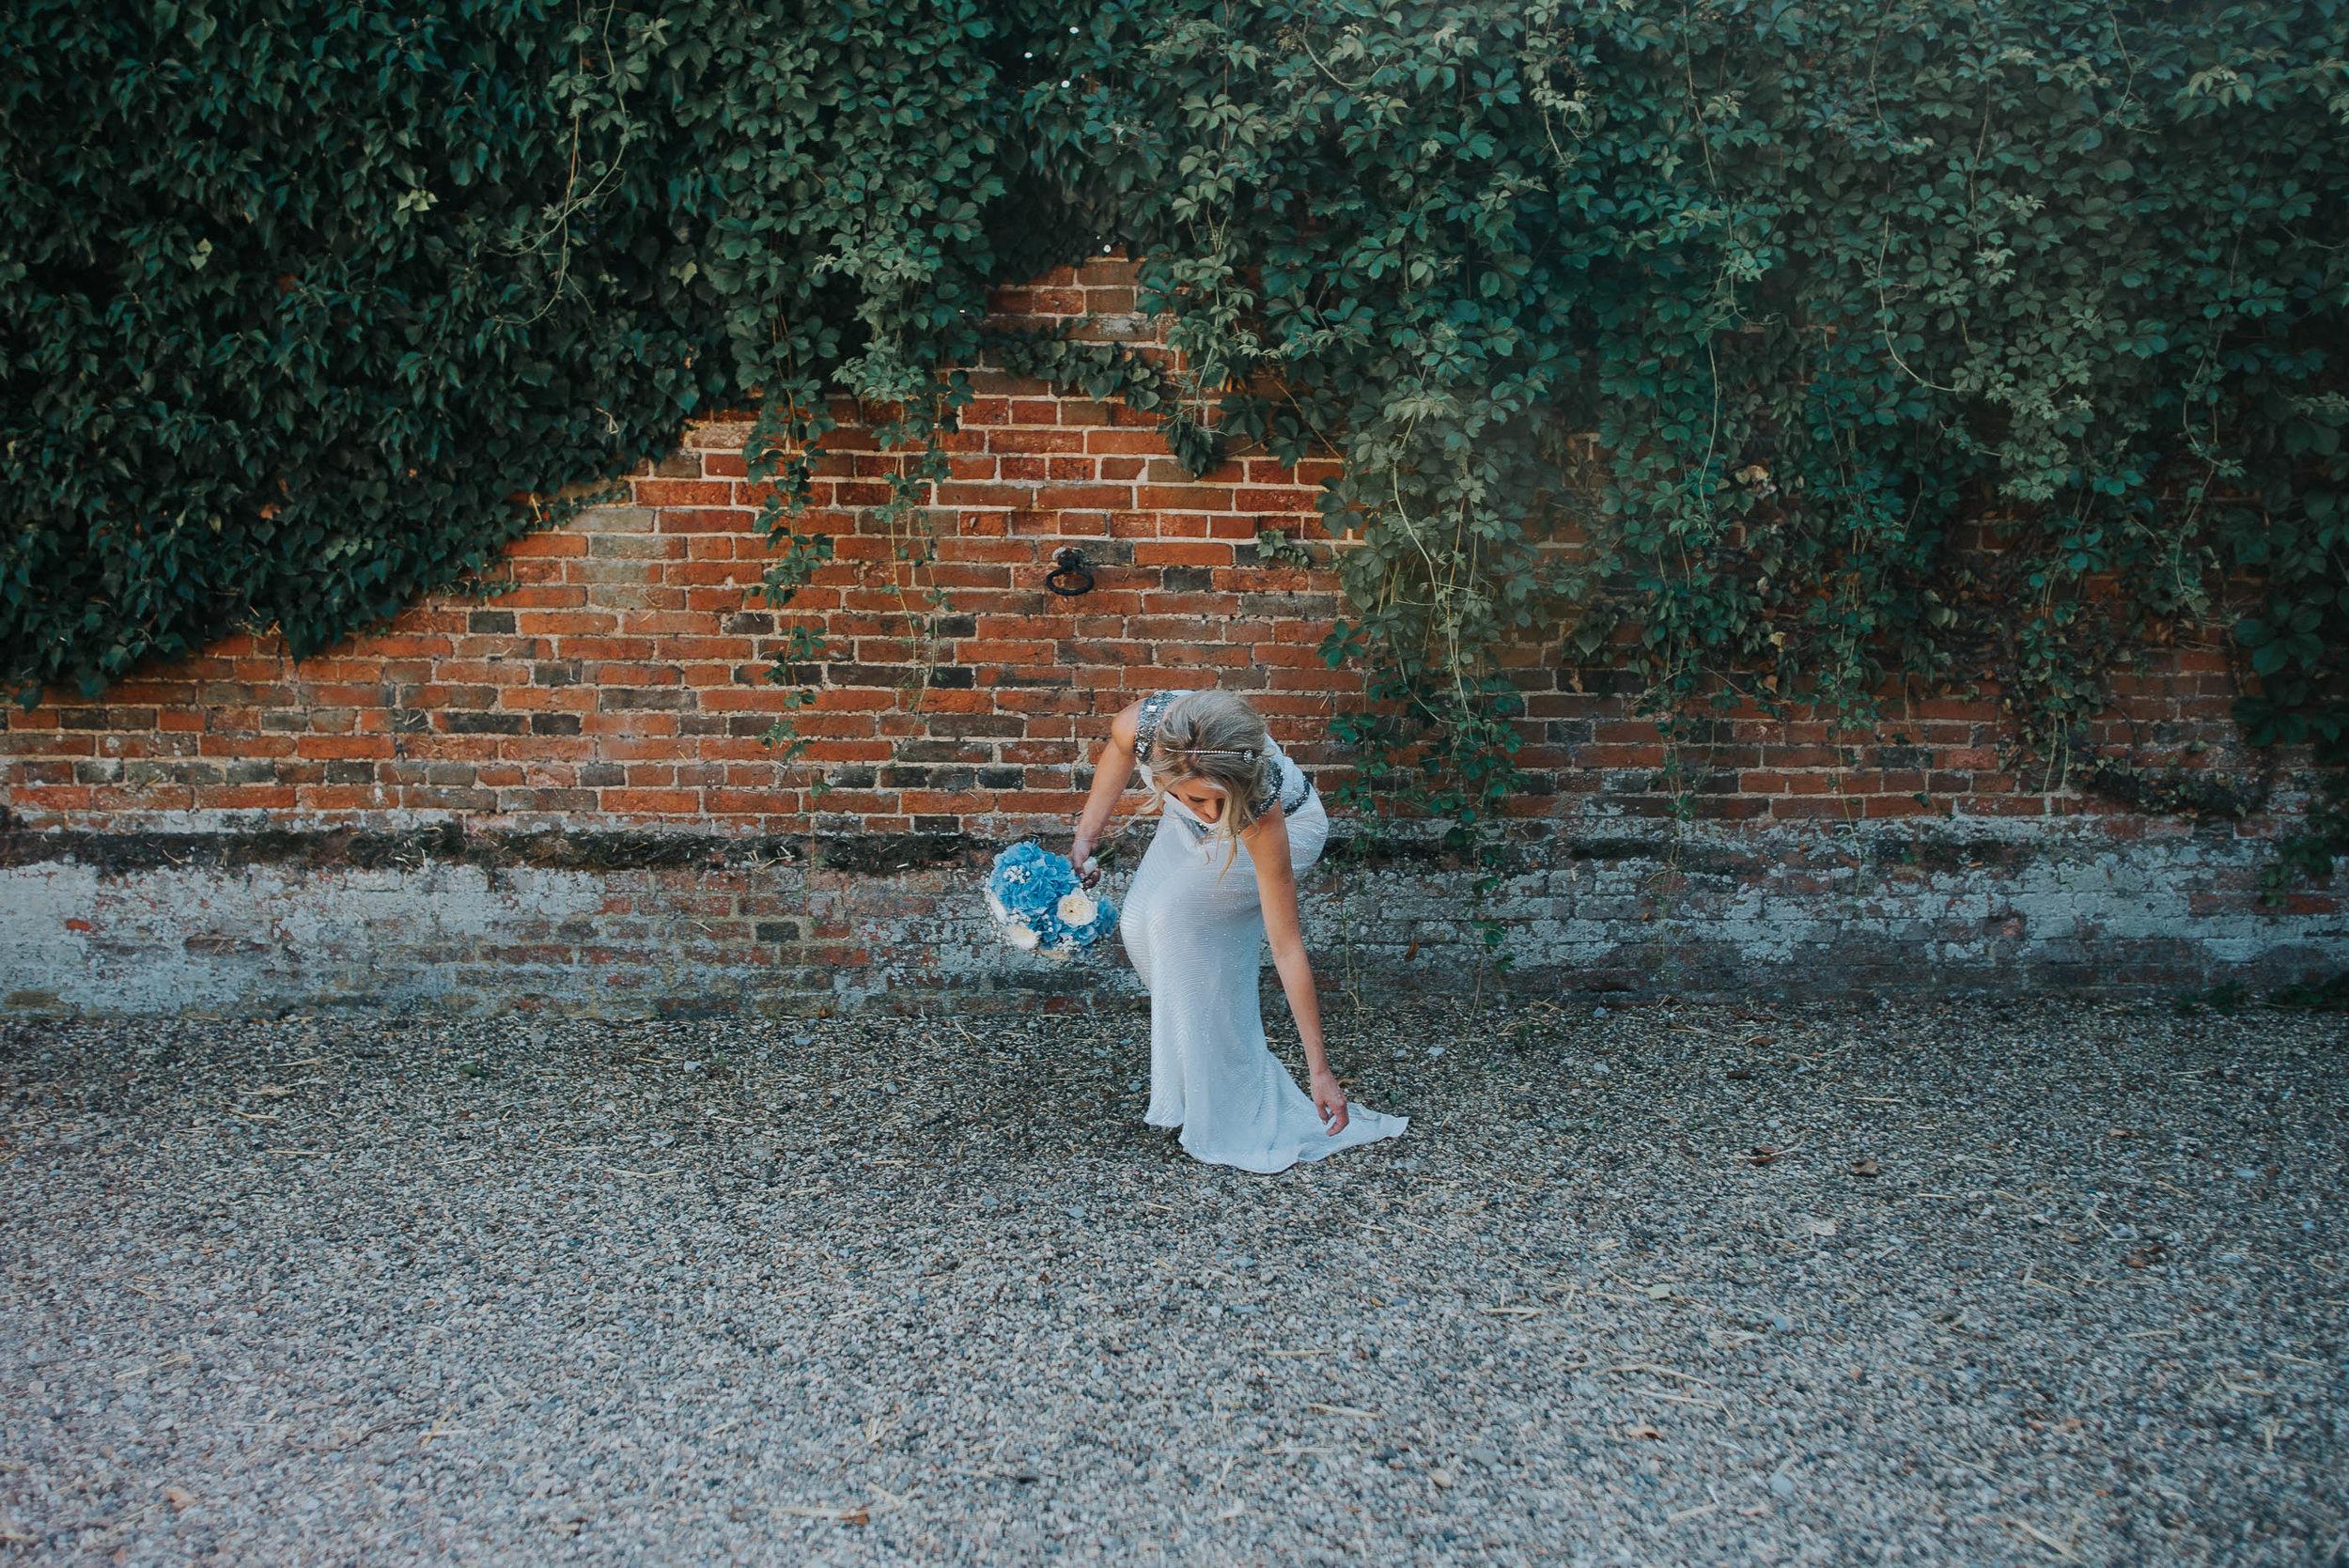 Creative Unique Wedding Photographer Essex Suffolk UK Wedding Photographer www.purplepeartreephotography.com (498).JPG